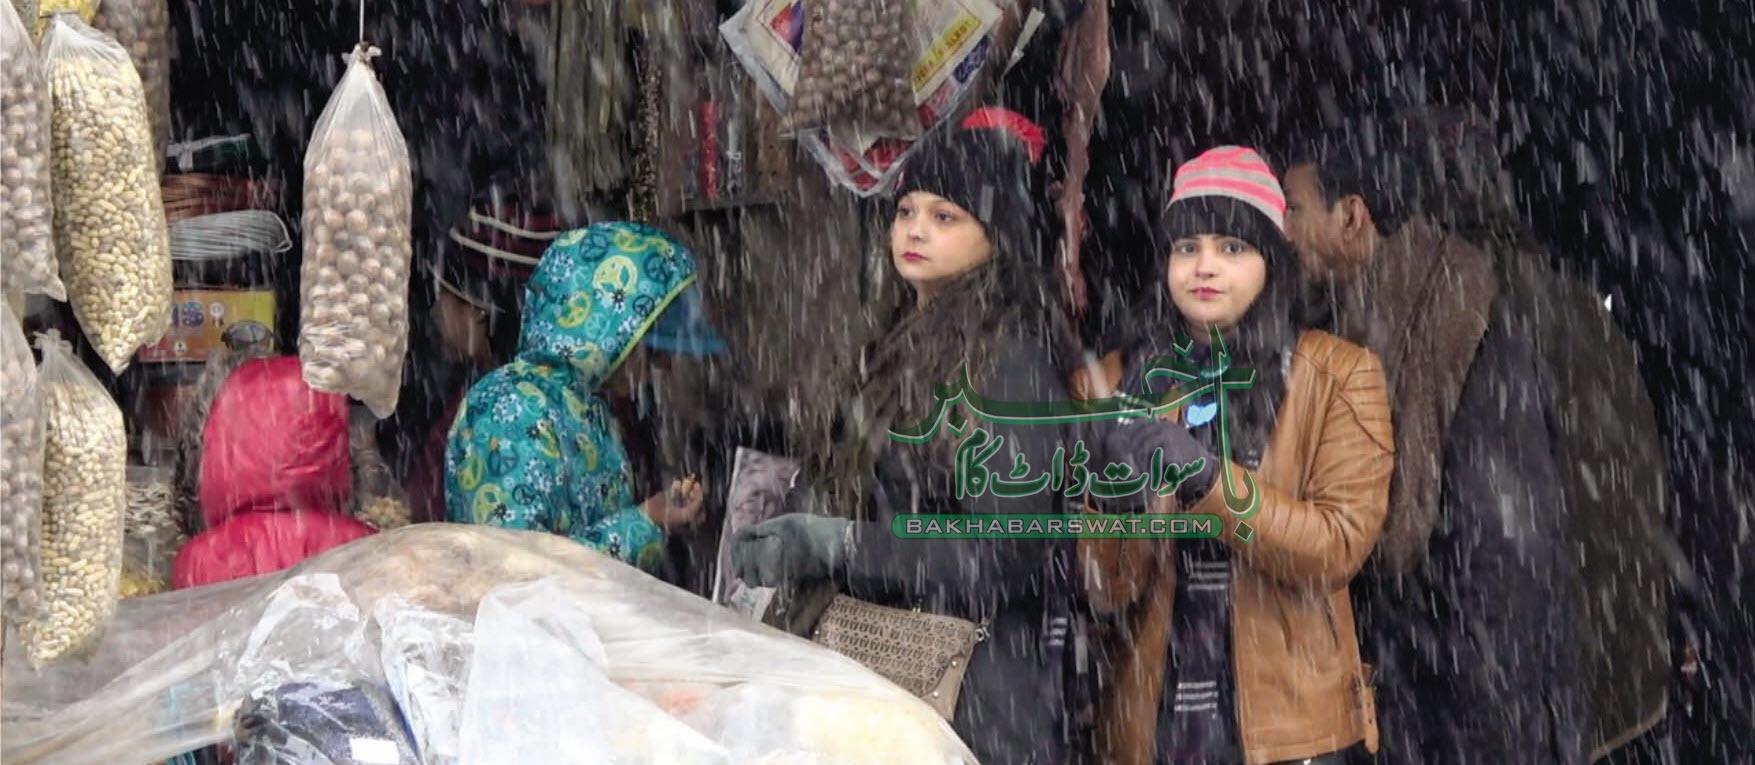 سوات، دوسرے روز بھی بارش و برف باری، سیاحوں کی آمد کا سلسلہ جاری